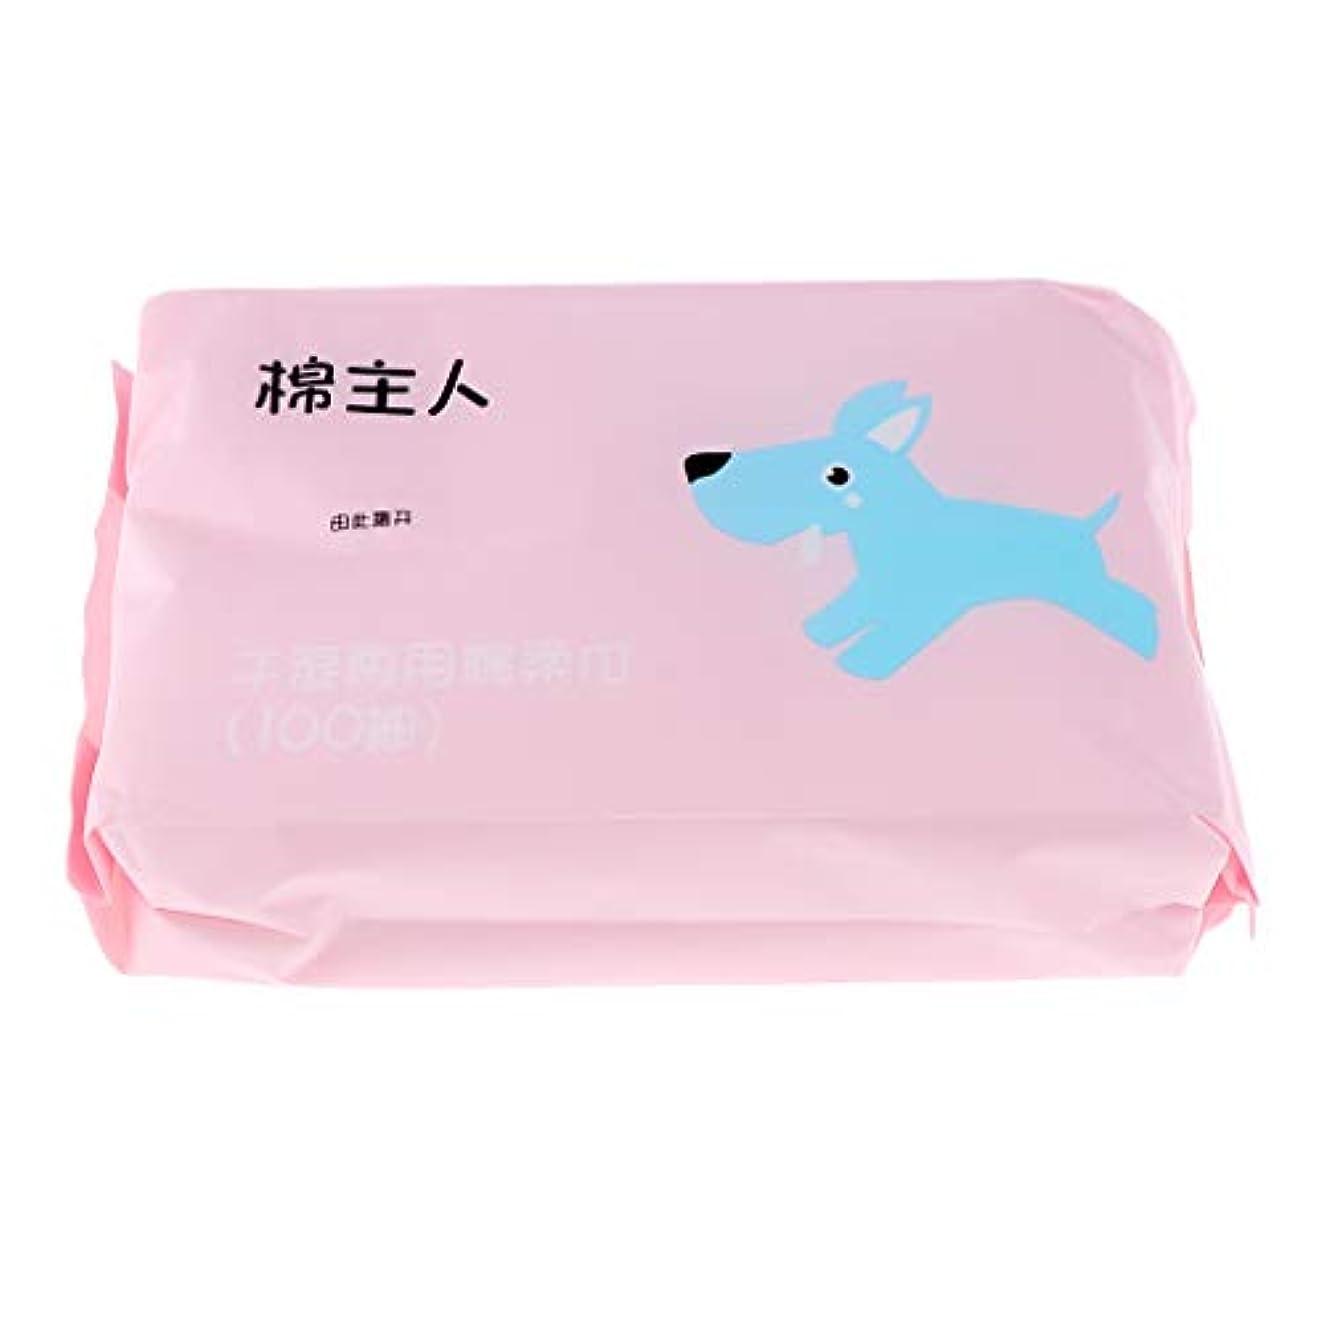 華氏役員言語クレンジングシート メイク落とし 軽量 便利 敏感肌用 非刺激 不織布 フェイスタオル 約100枚 - ピンク